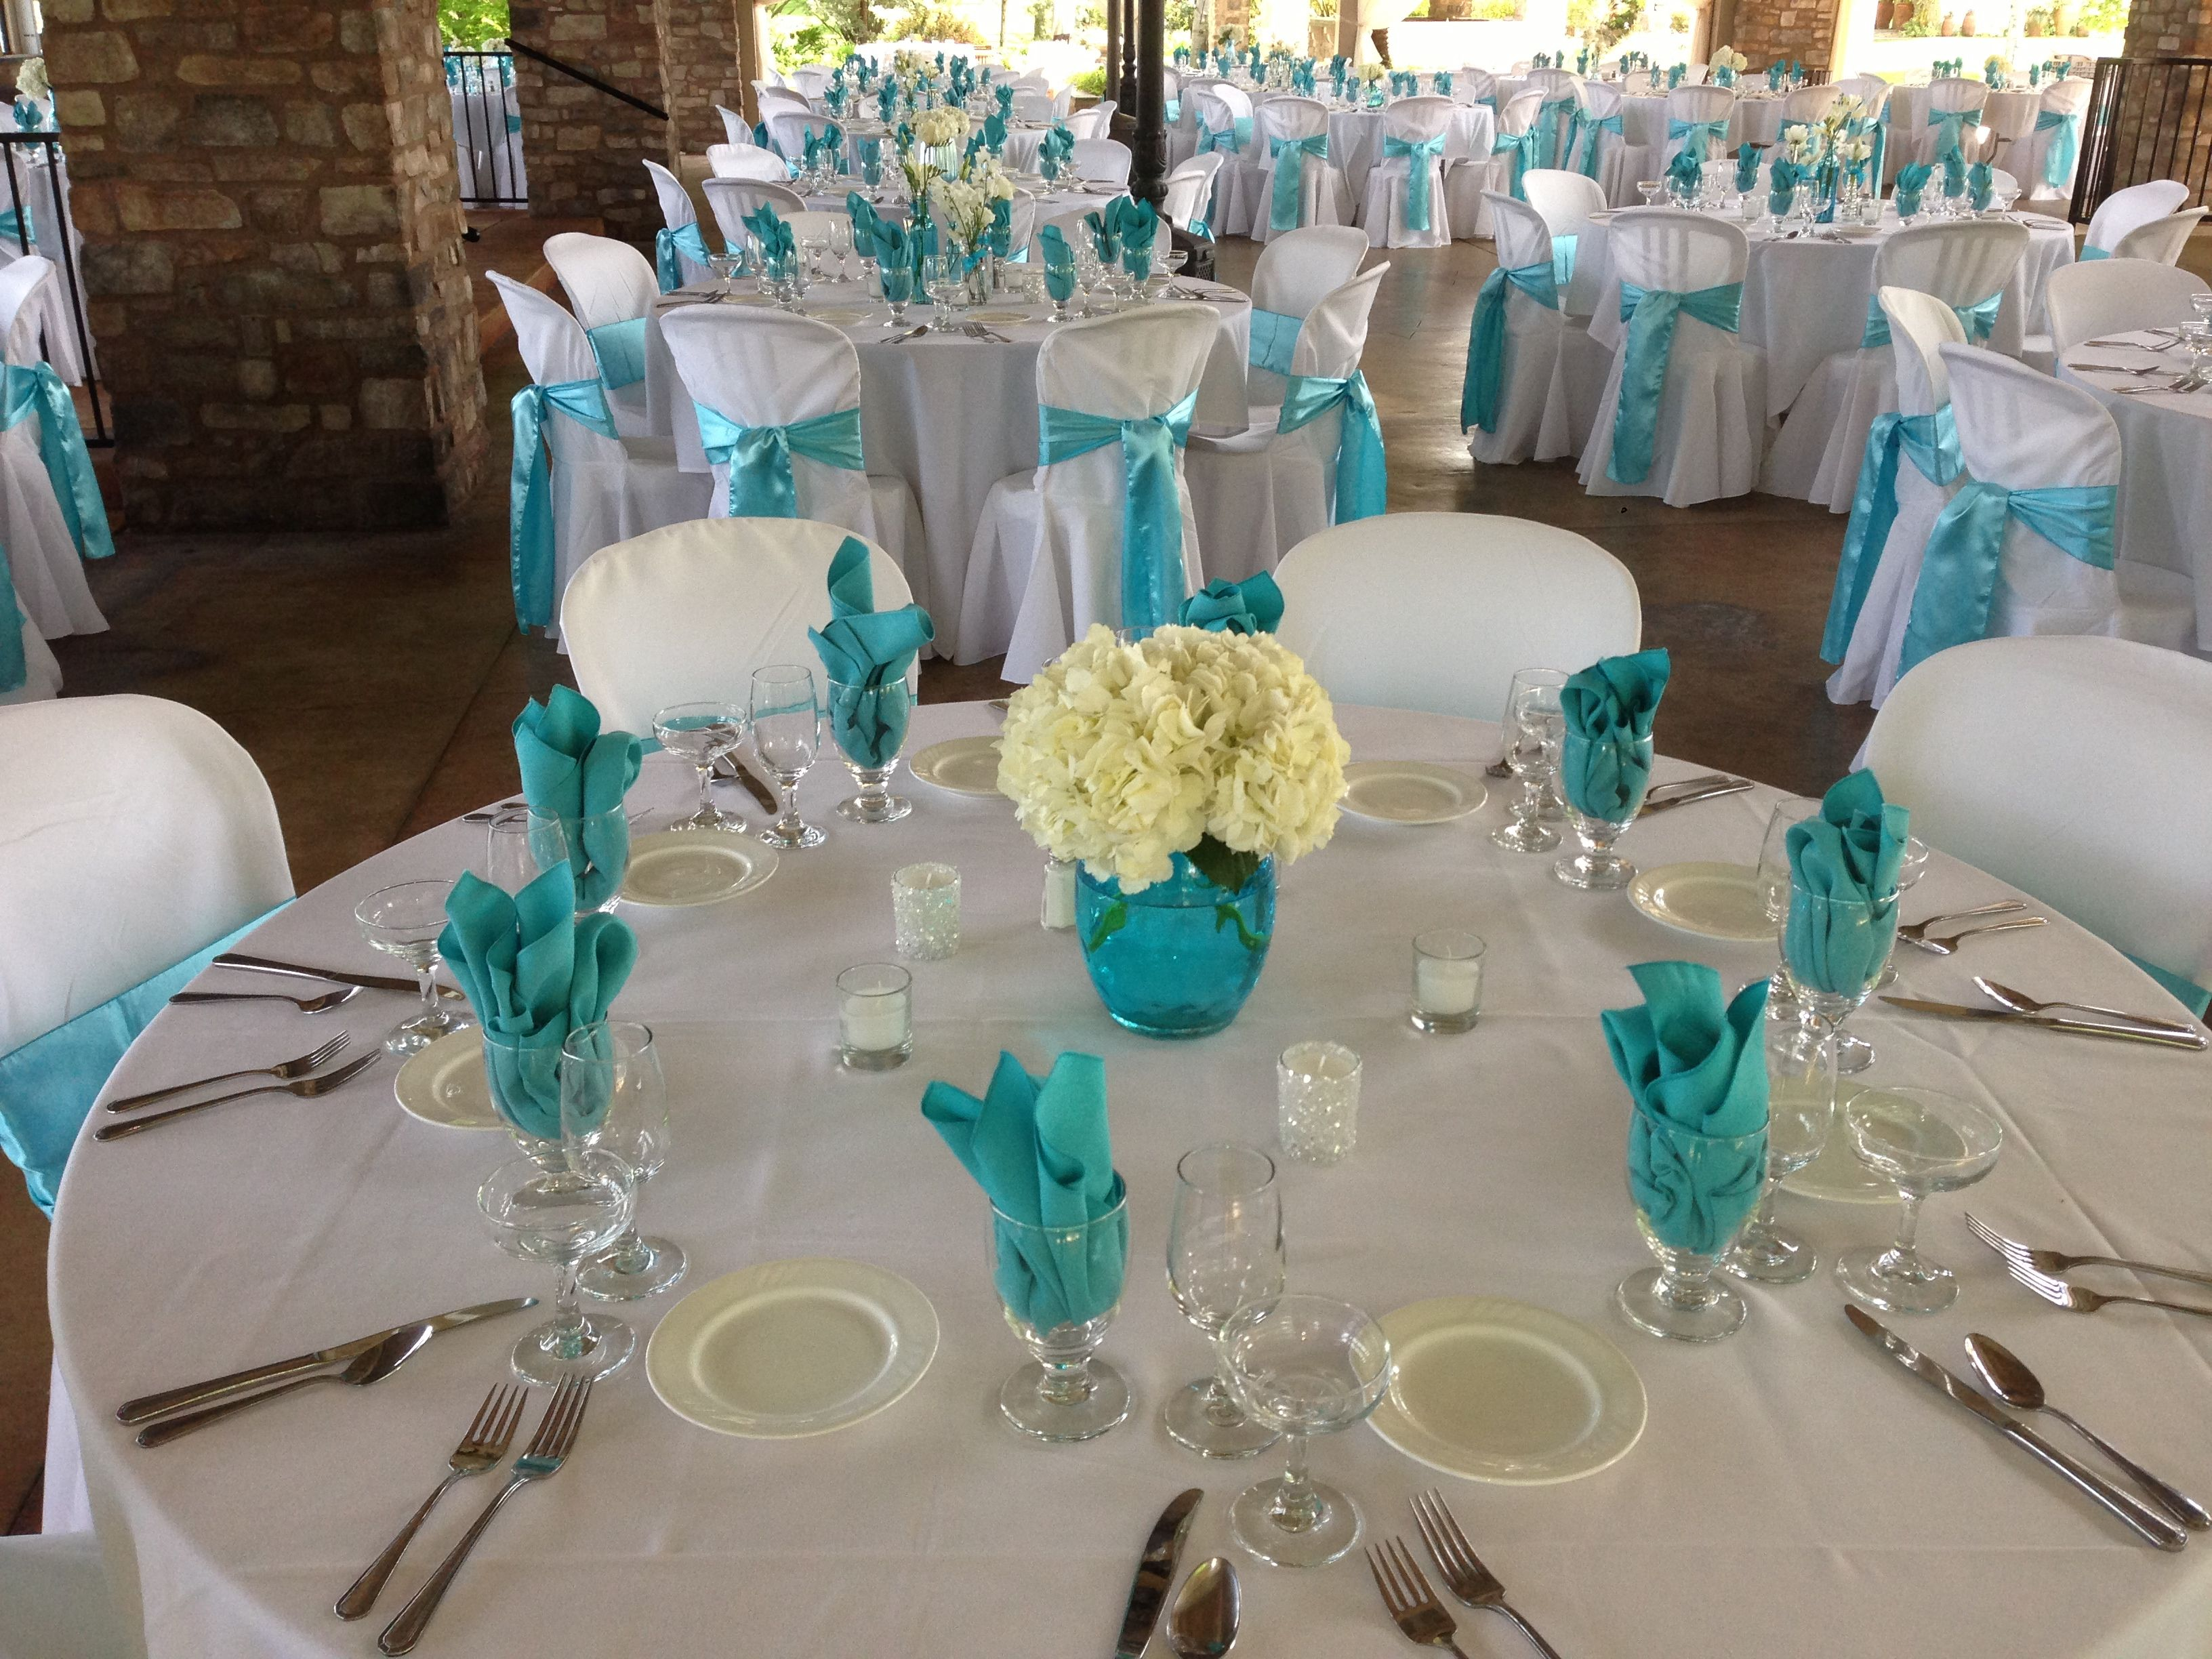 White hydrangea in aqua blue vessel centerpieces